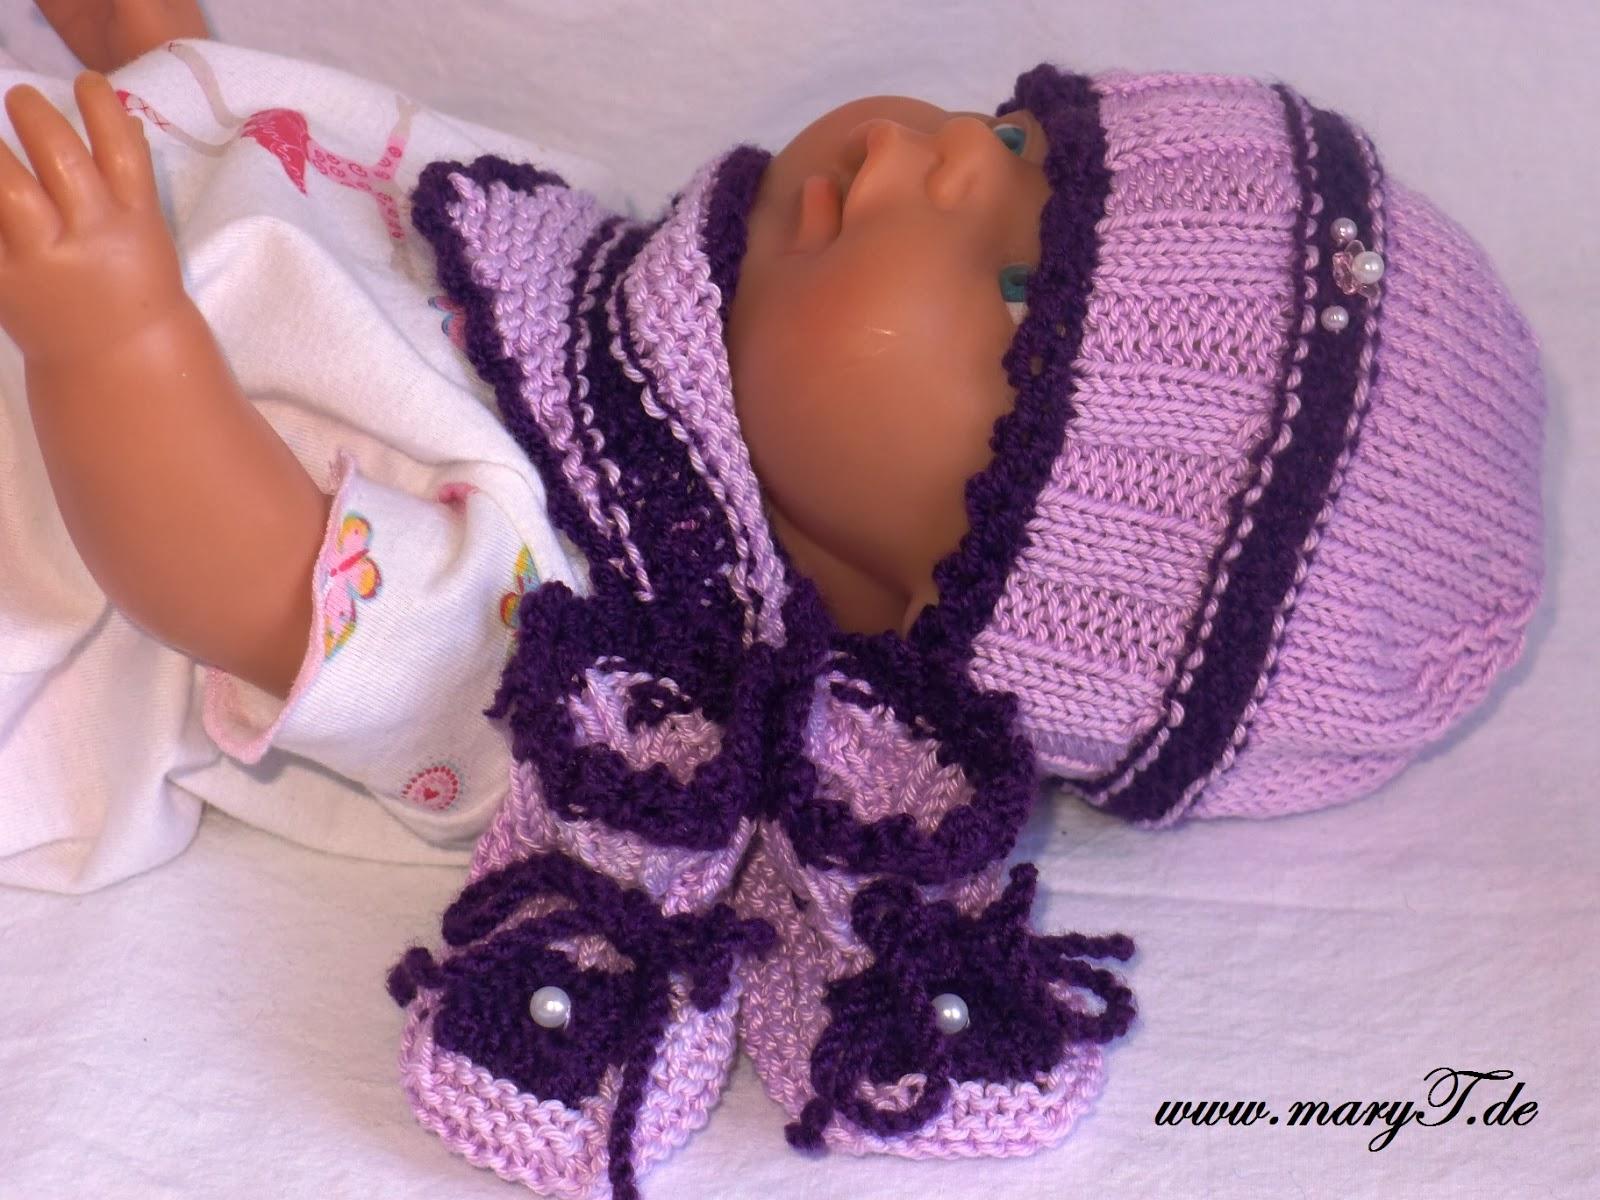 Babykleidung, Babymütze, Dreieckstuch, Schal,